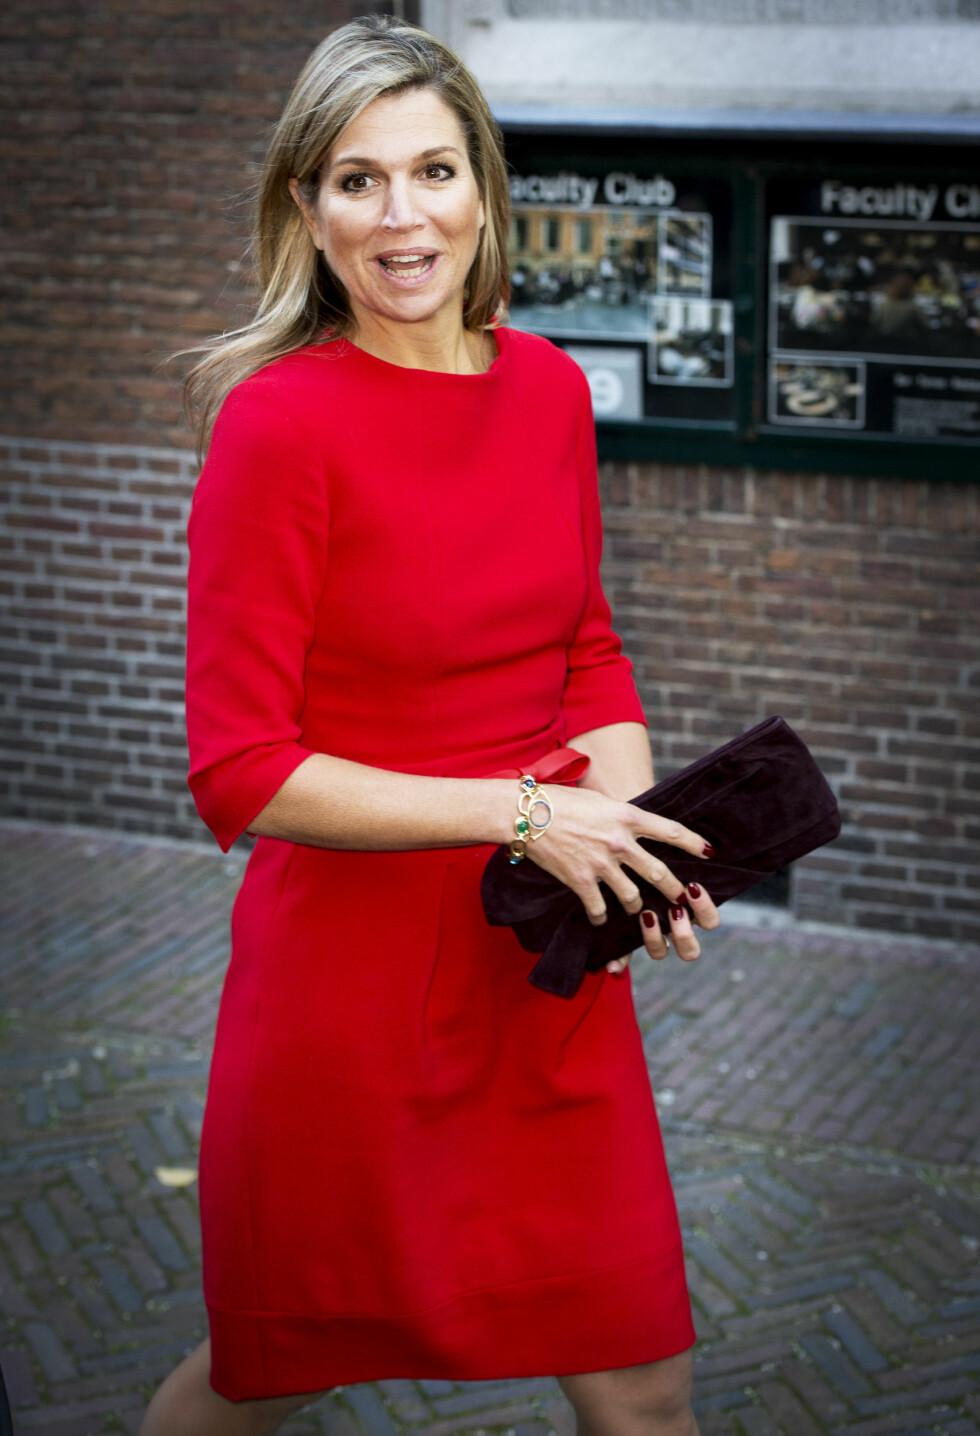 <strong>ENKEL KJOLE:</strong> Den argentinskfødte skjønnheten Maxima elsker rødt, og benytter enhver anledning til å ikle seg den friske fargen. Dette er tatt i begynnelsen av oktober. Foto: NTB Scanpix